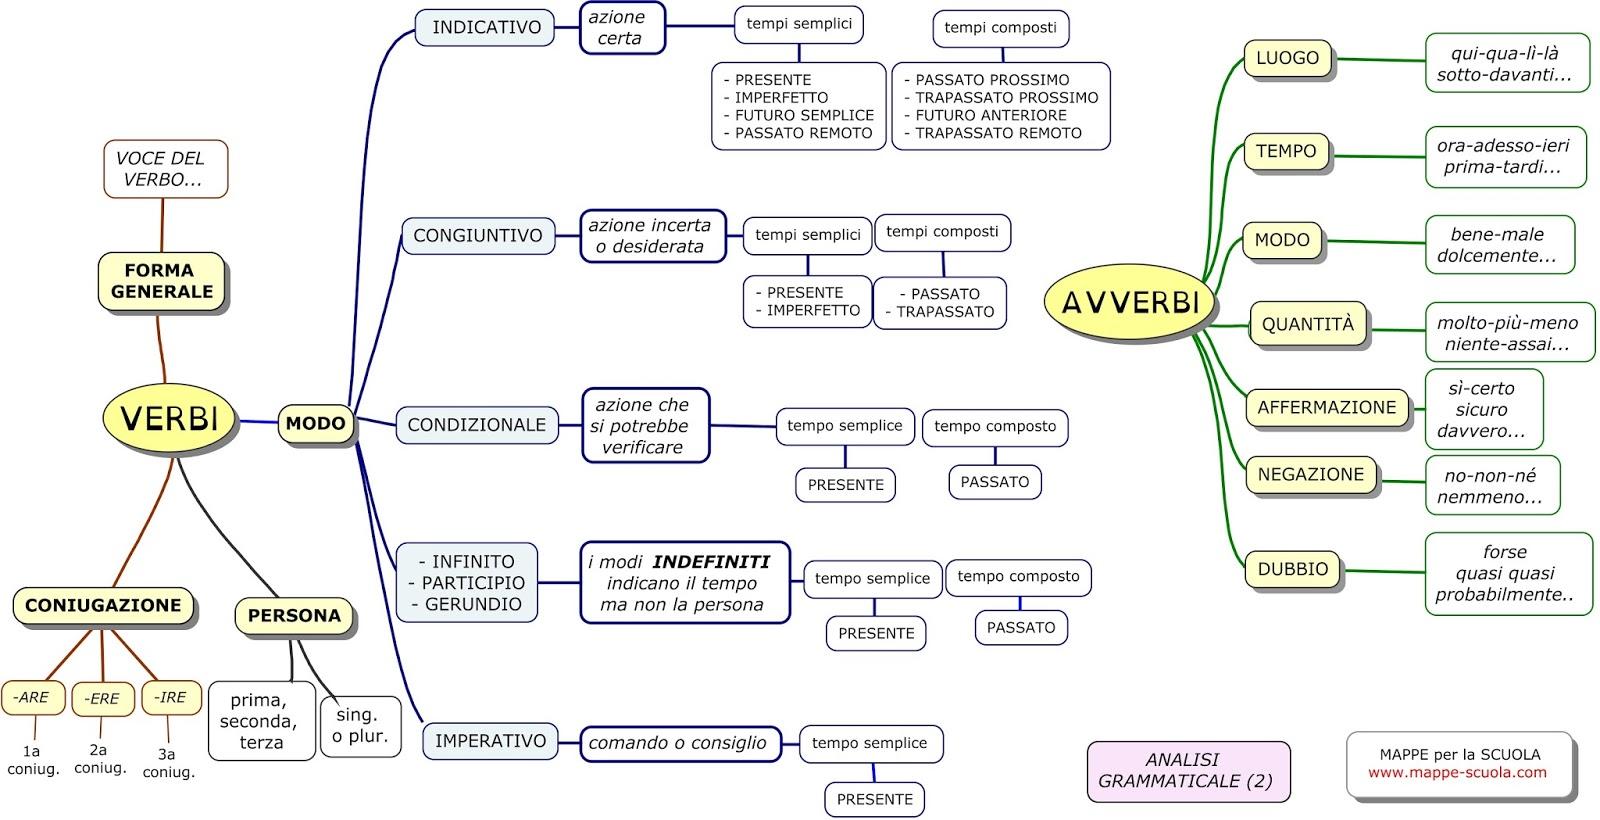 Mappe Per La Scuola Analisi Grammaticale Guida